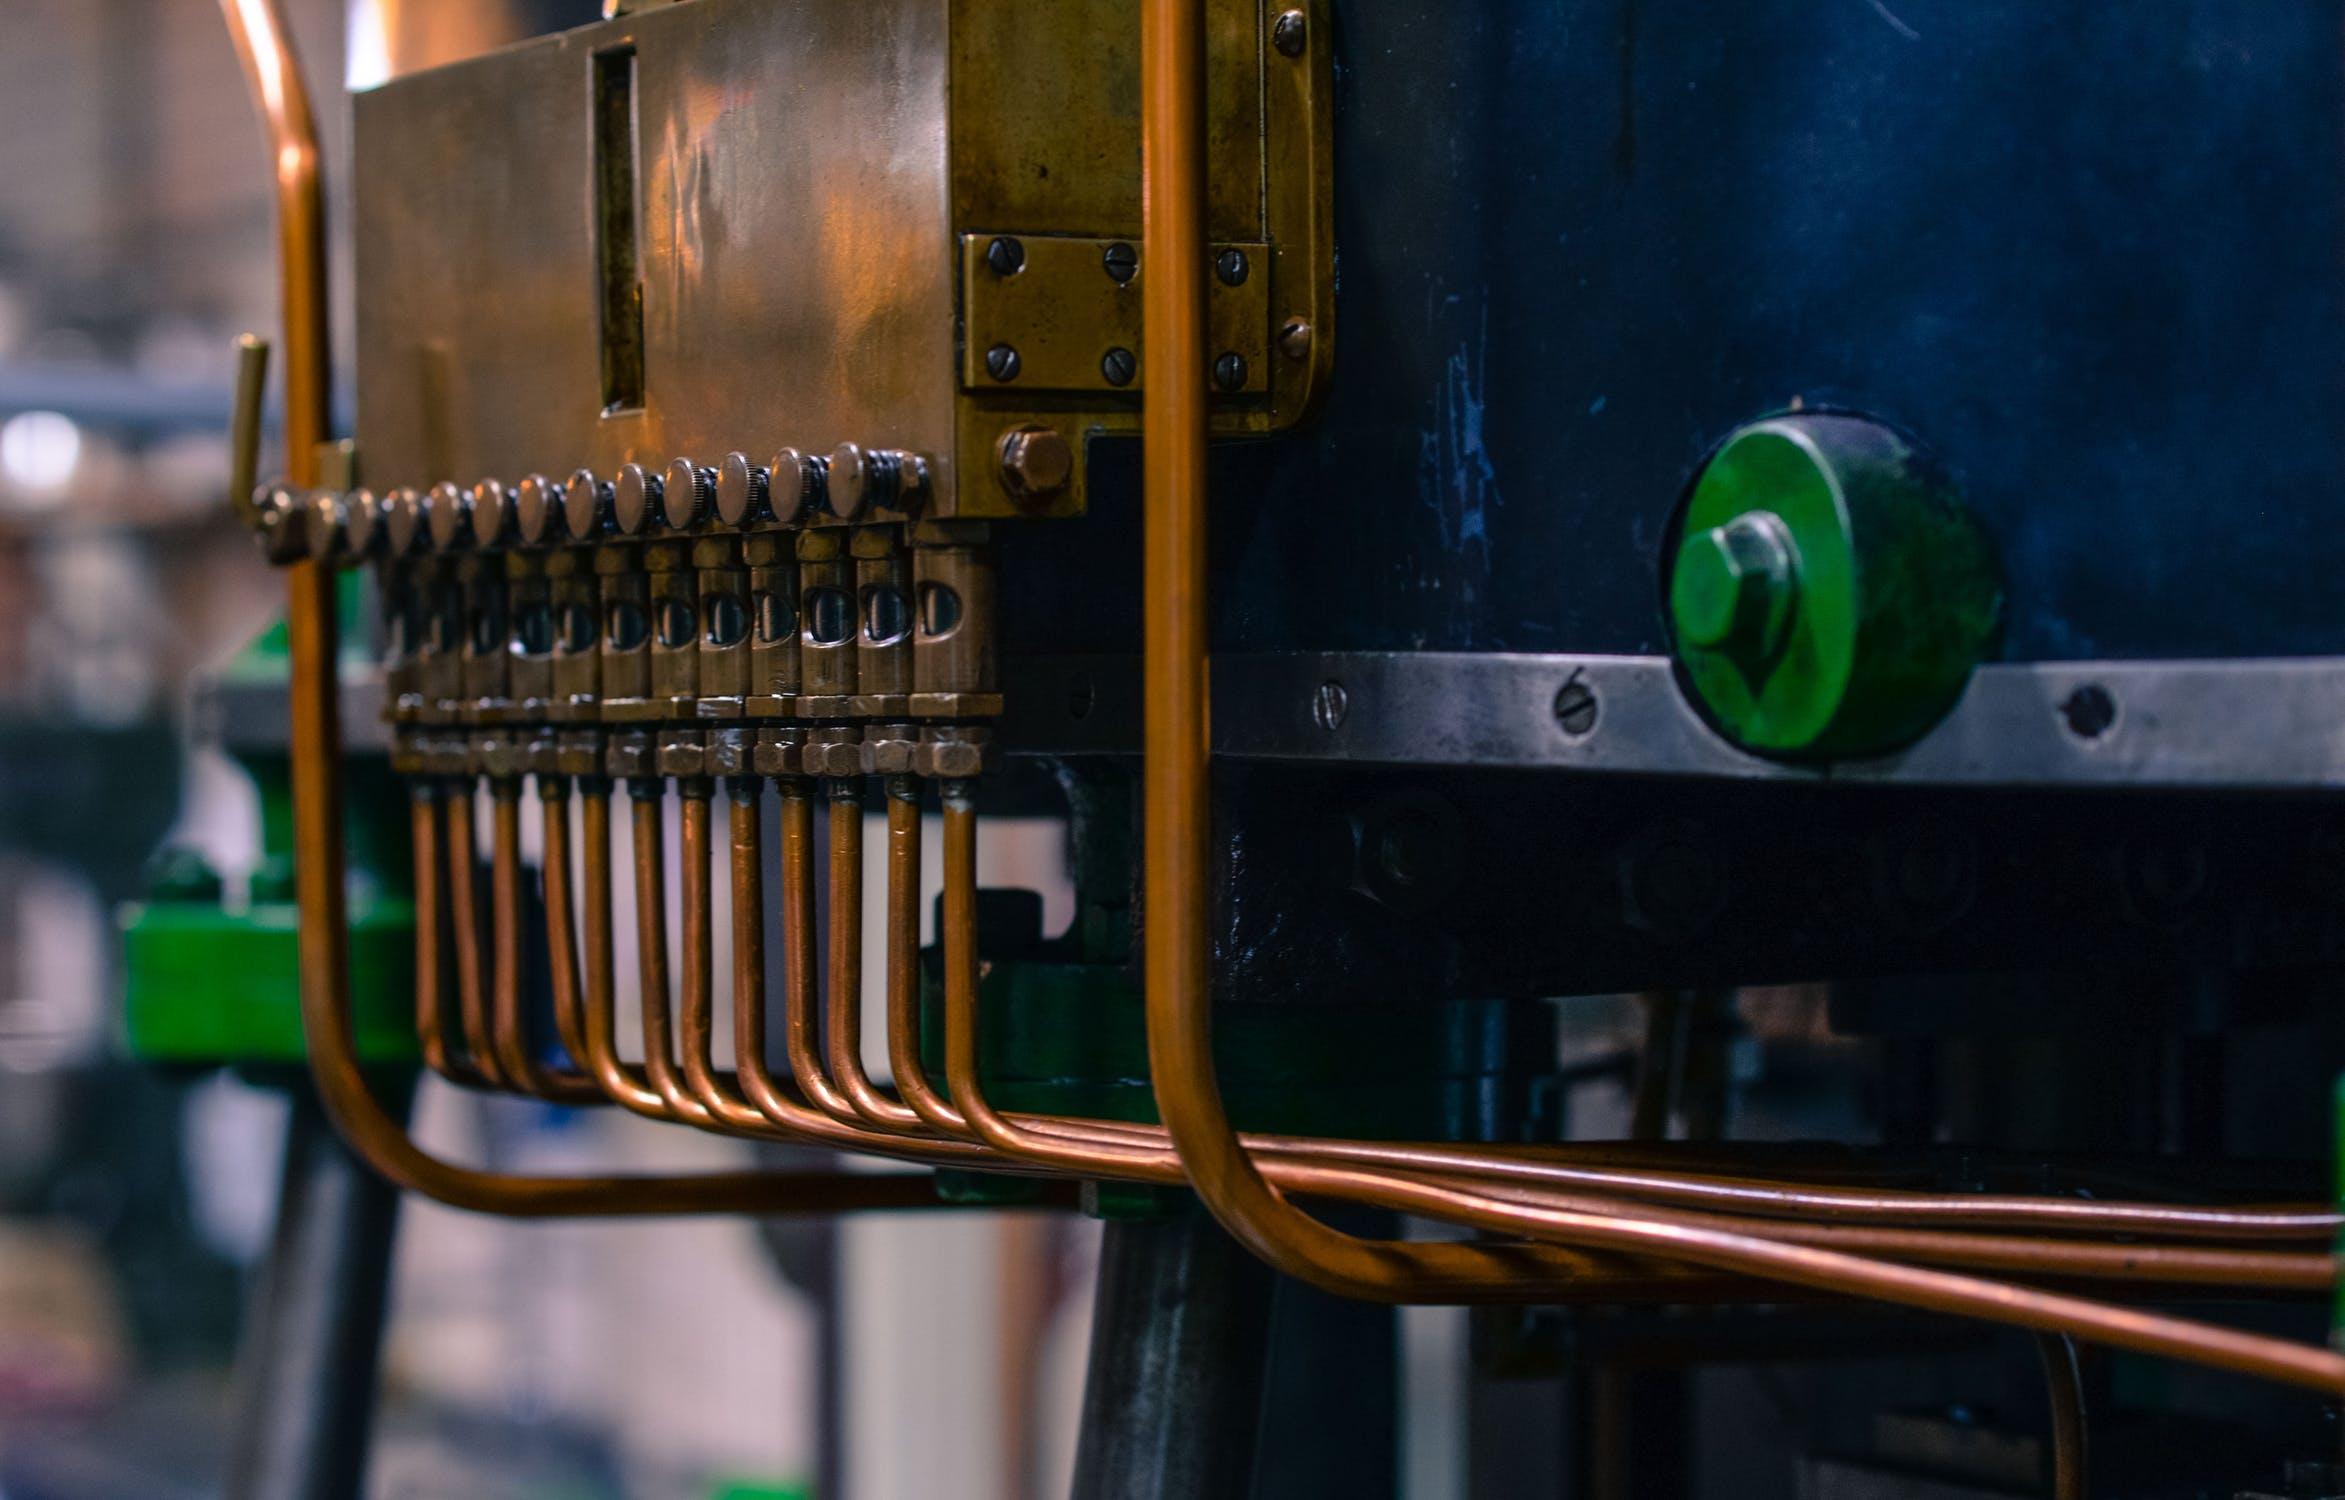 Der TITAN DC-Lüfter kann in verschiedene medizinische Geräte eingebaut werden, um eine Überhitzung von Gerätekomponenten zu verhindern.